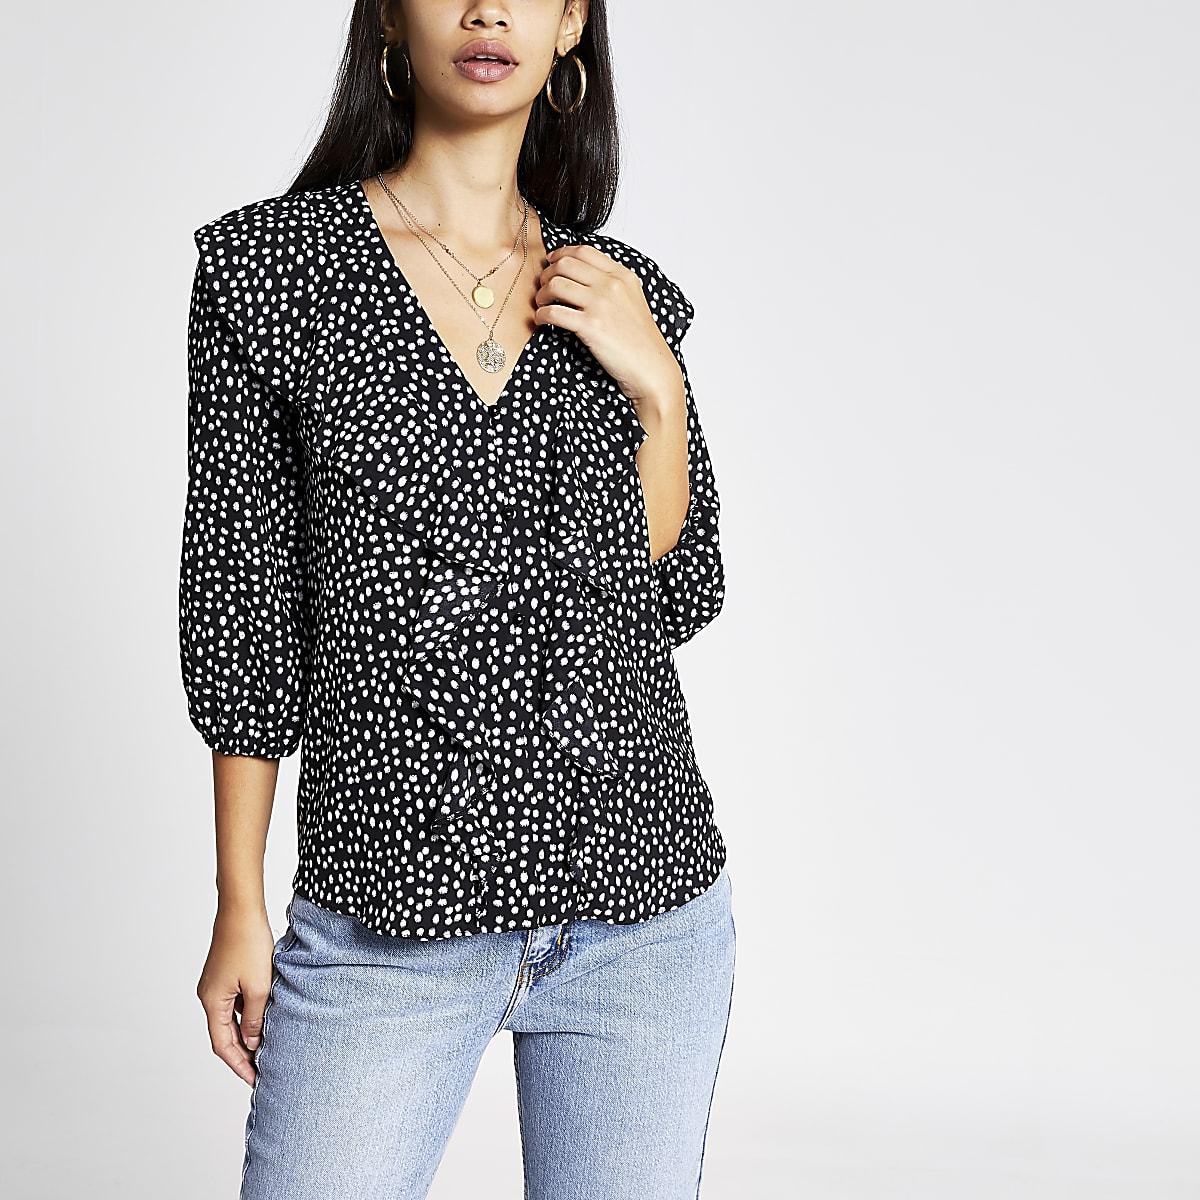 Zwarte ruche blouse met zwarte stippen print